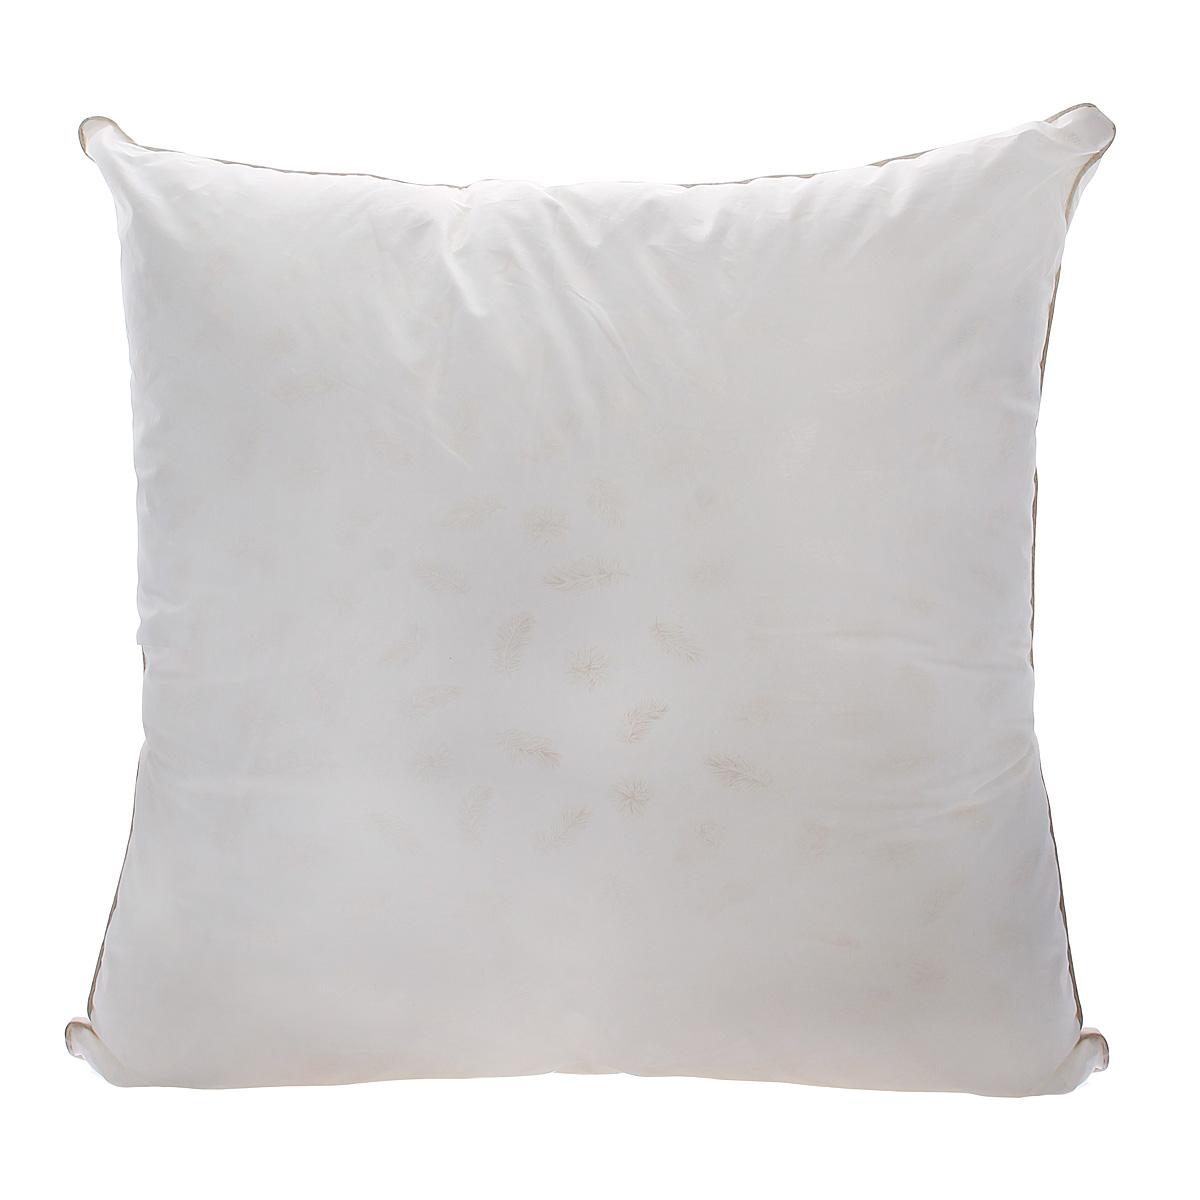 Подушка Verossa, наполнитель: лебяжий пух, 70 х 70 см. 169517 подушка estia аоста наполнитель пух 70 х 70 см